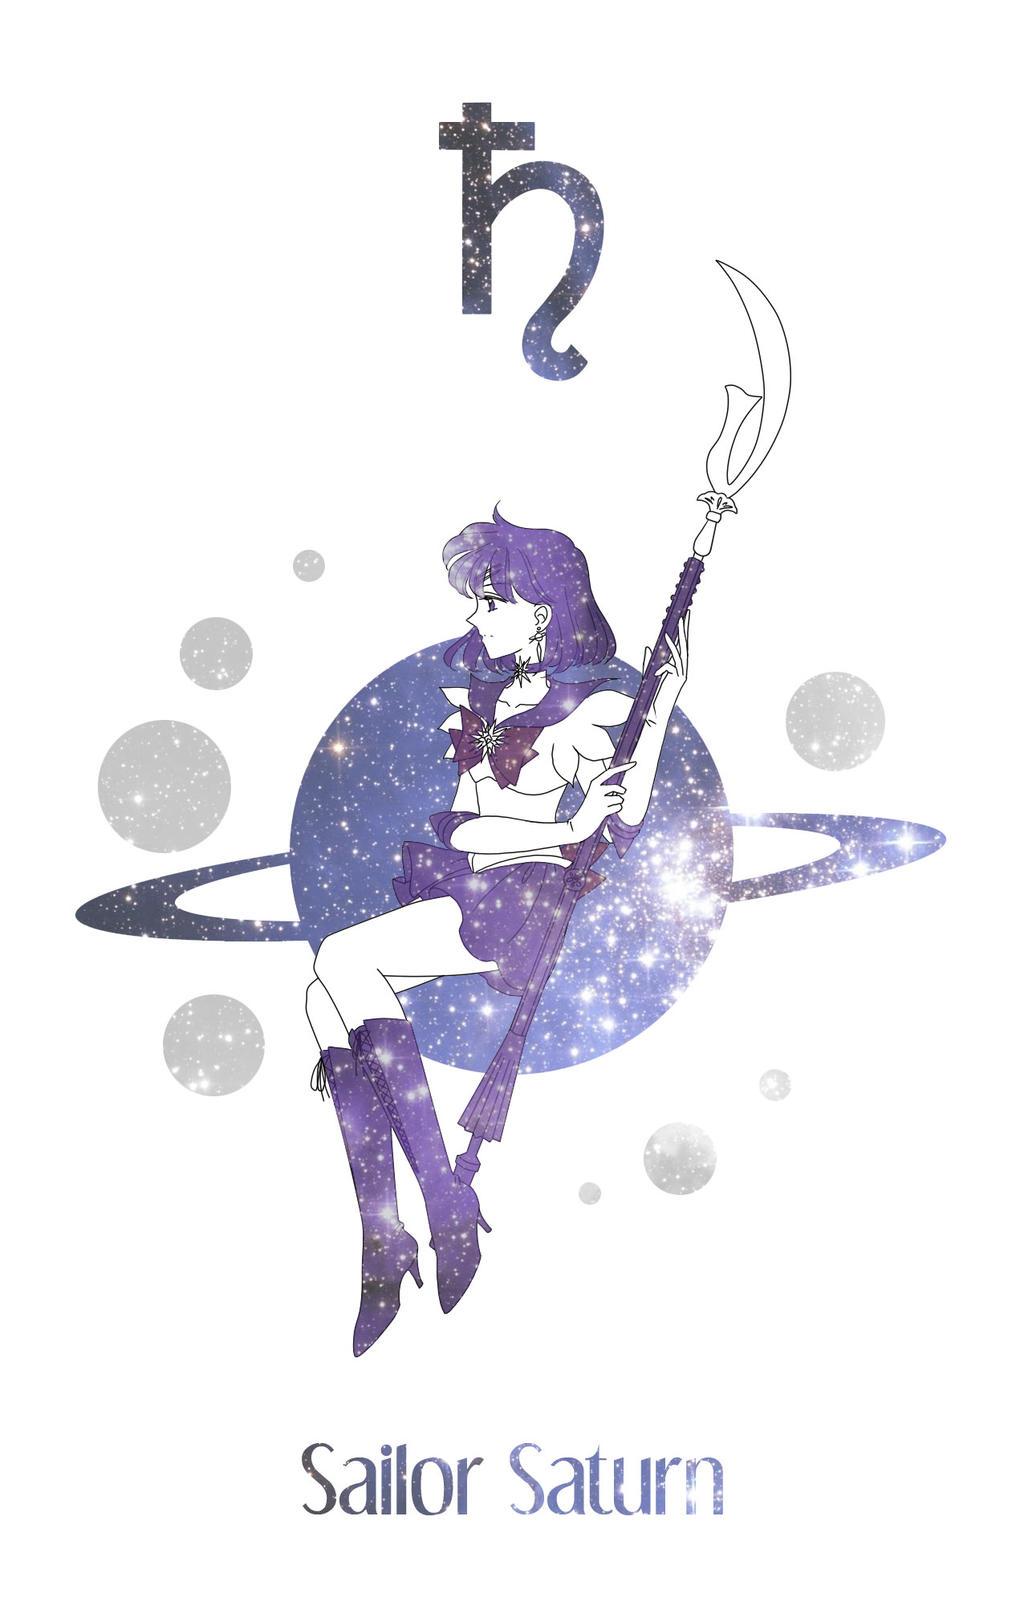 Sailor Saturn by Mangaka-chan